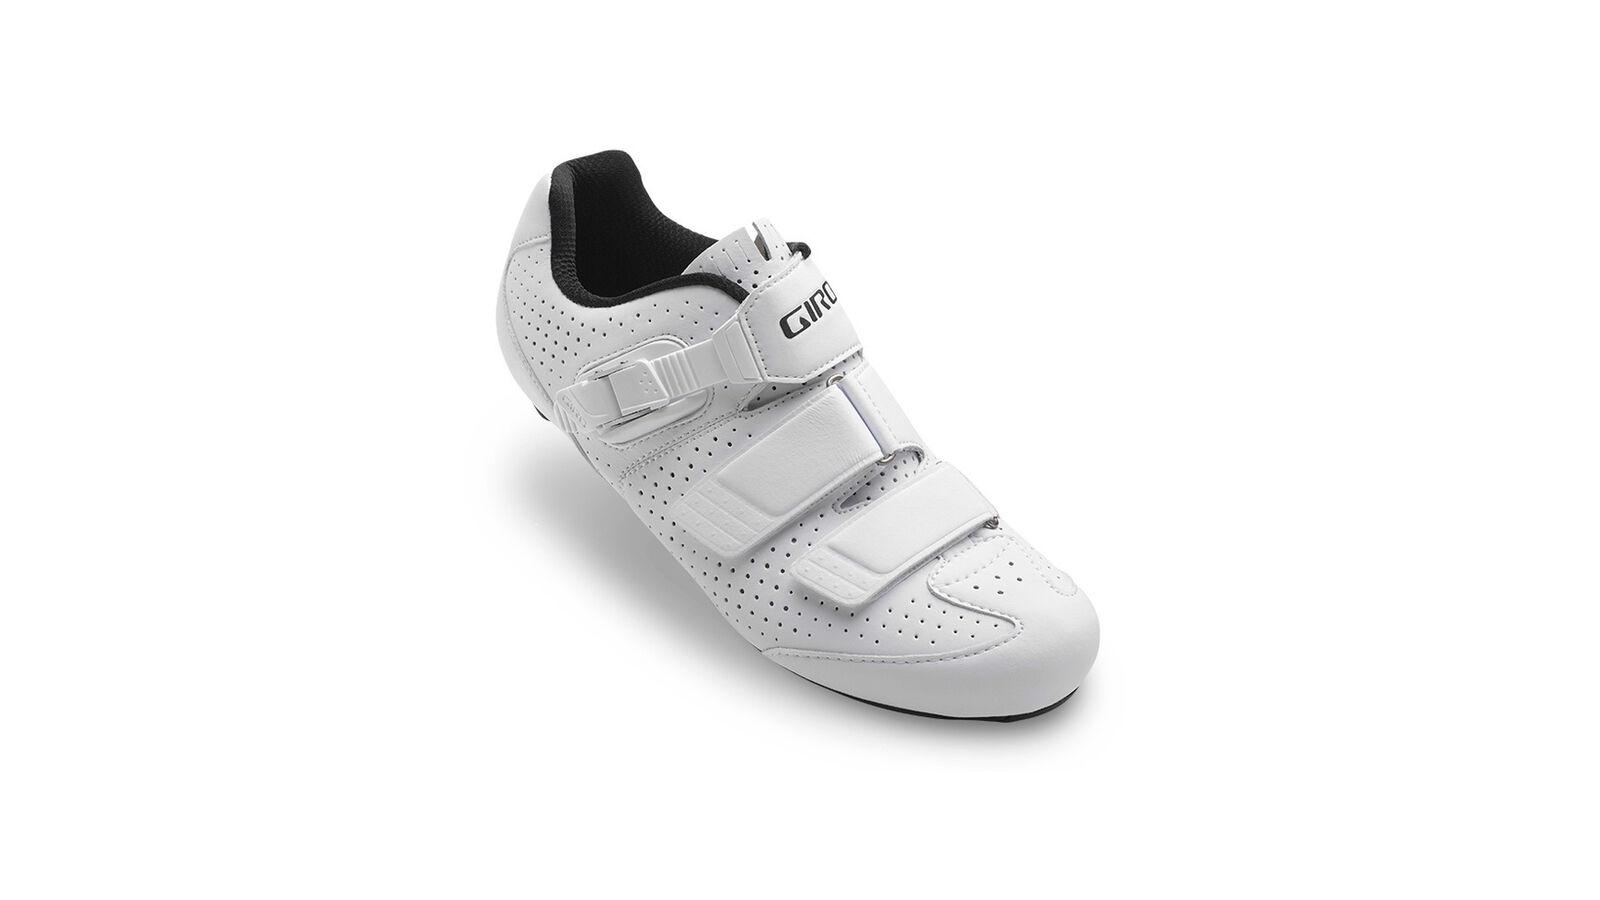 Giro Radsautope Trans e70 bianco idrorepellente traspirante facile da pulire faciluominite